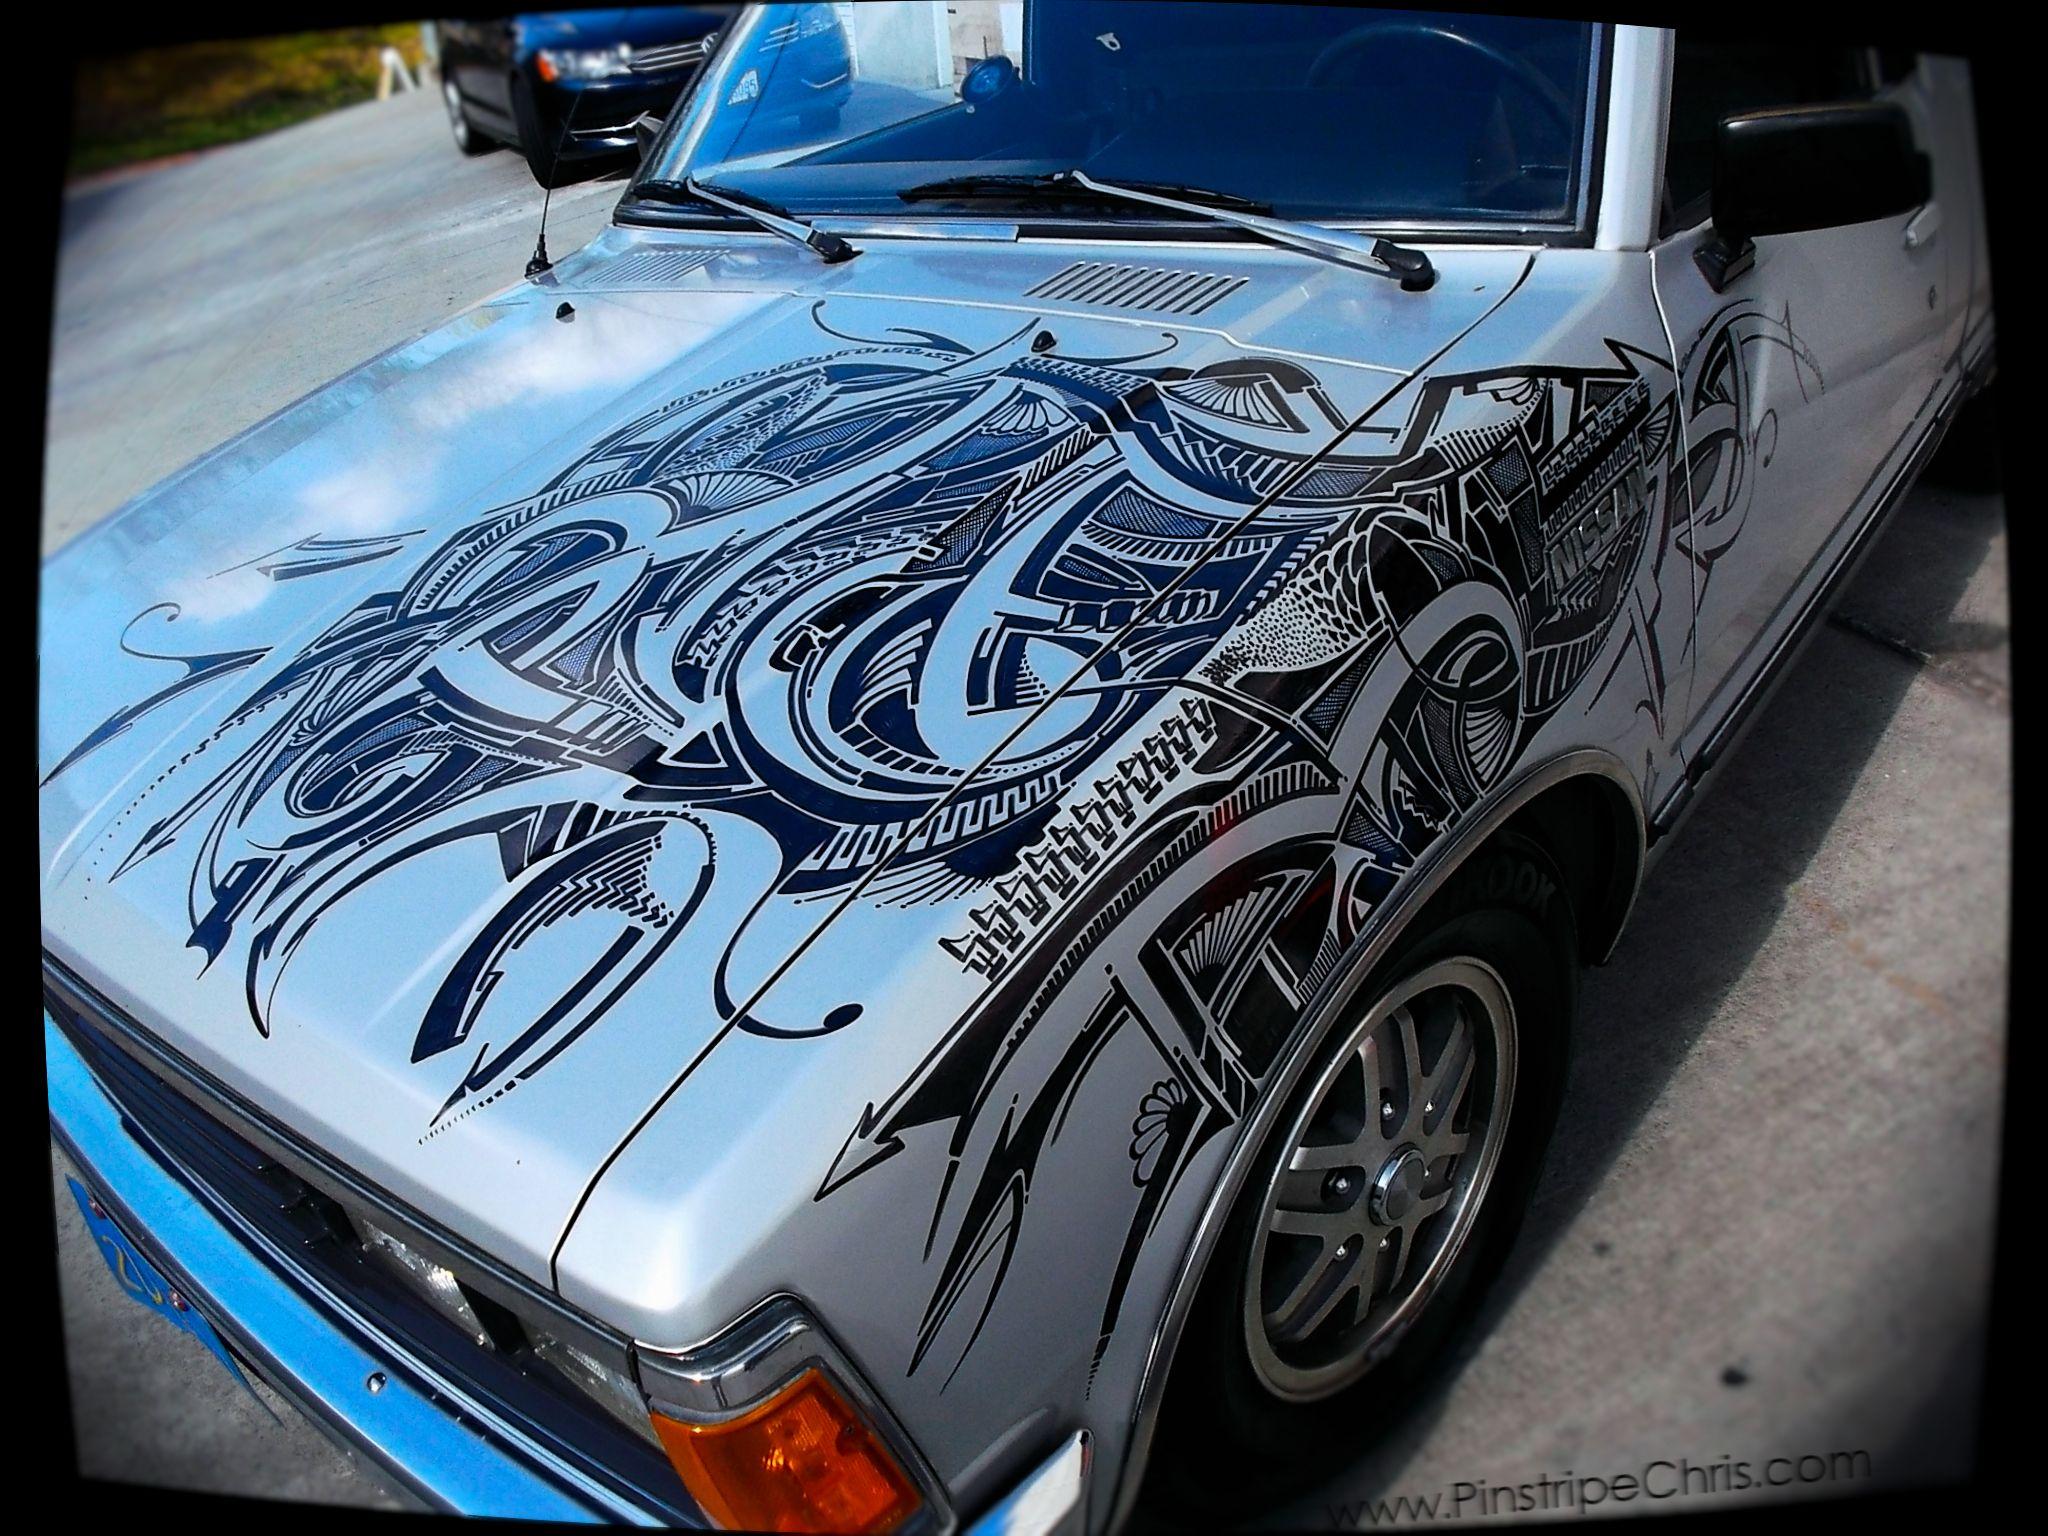 Sharpie Car Art By Chris Dunlop Pinstripe Chris Automotive Artwork Car Art Sharpie Art [ 1536 x 2048 Pixel ]